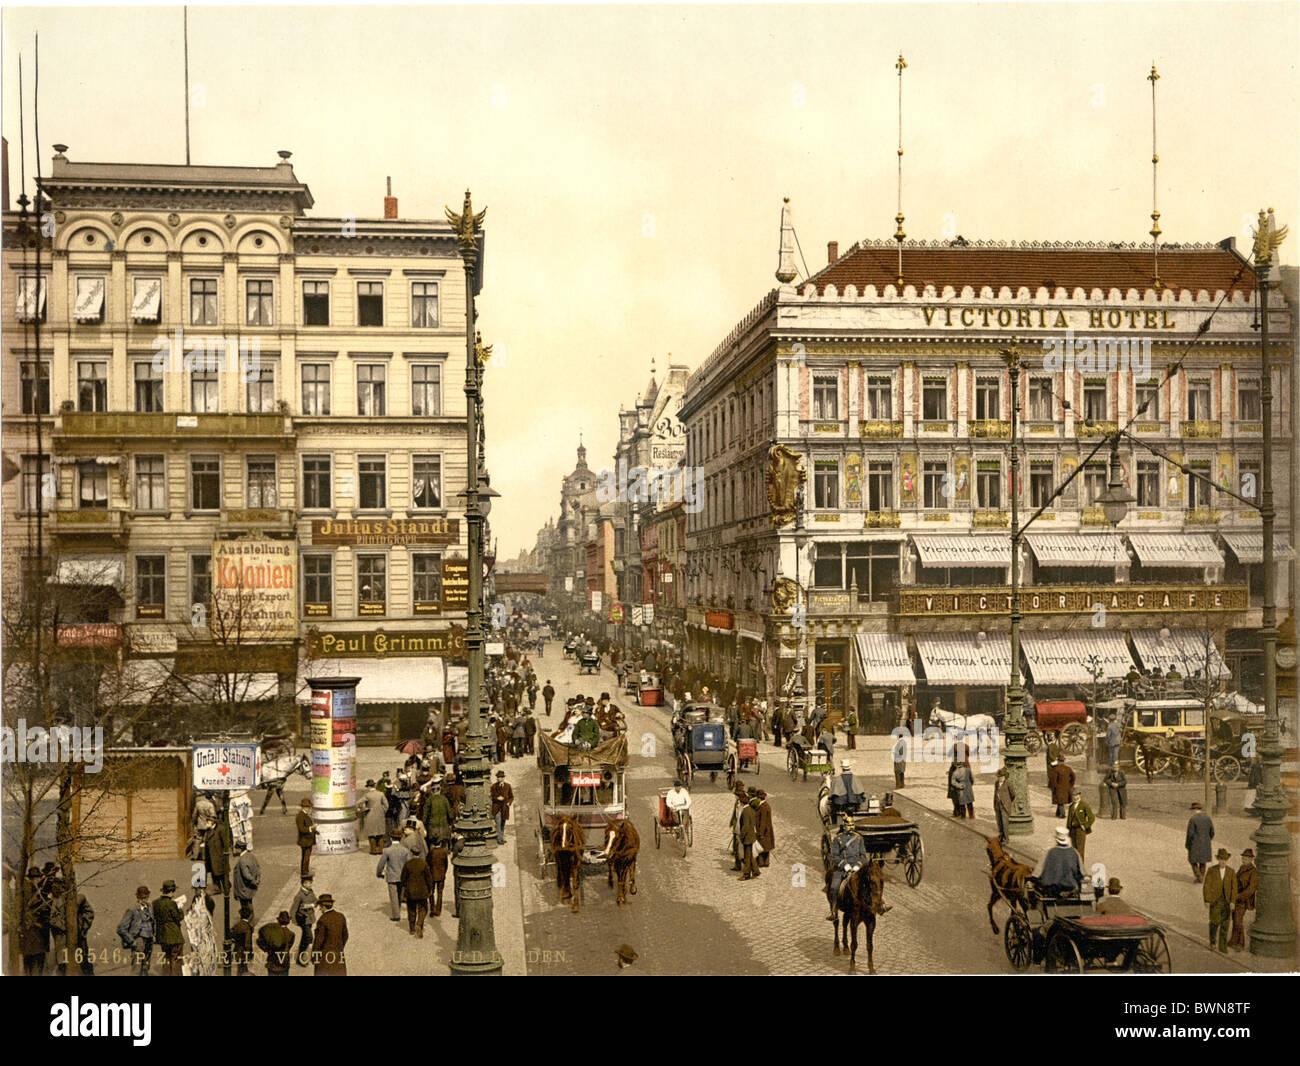 Victoria Hotel Berlin Unter den Linden Allemagne Europe 1900 Photochrom à propos historique de l'histoire Photo Stock